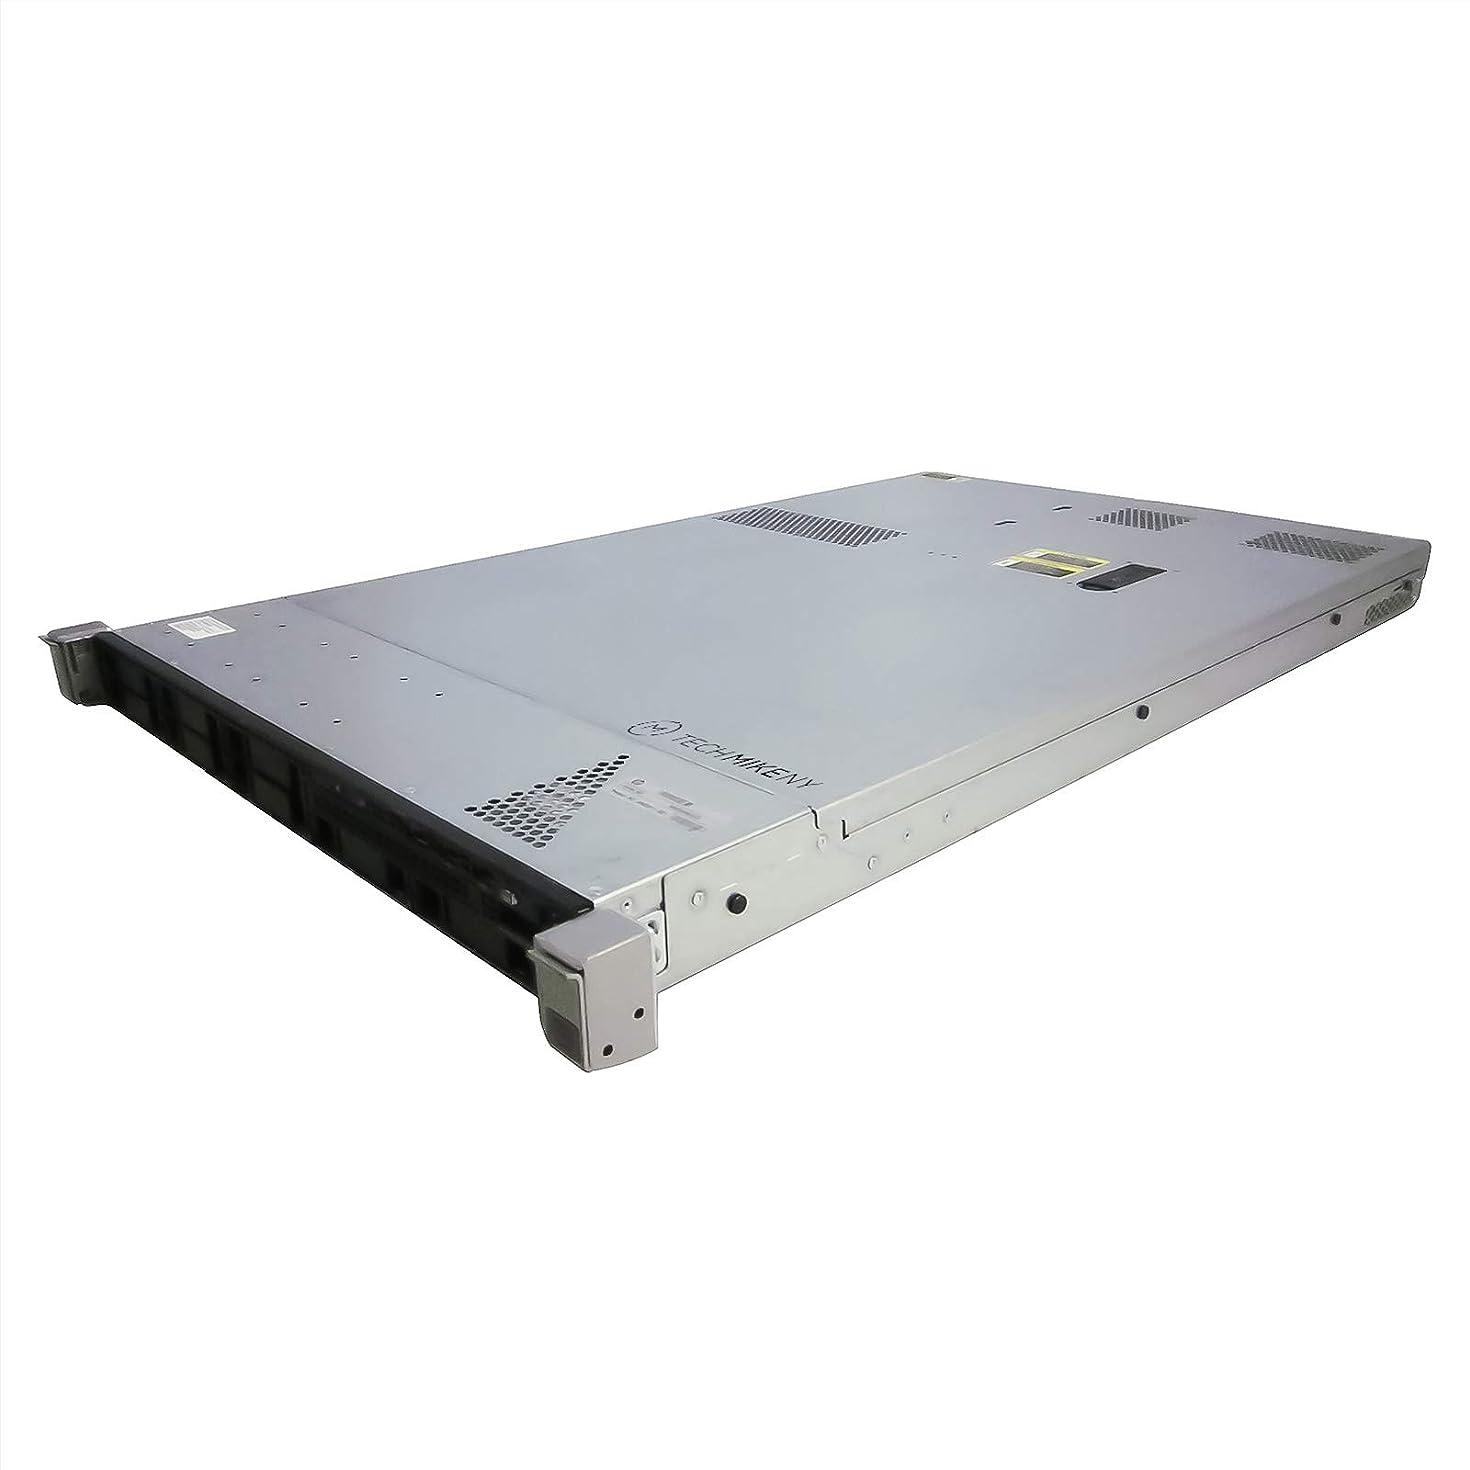 High-End HP ProLiant DL360P G8 Server 2 x 2.90Ghz E5-2690 8C 192GB 8x Caddies (Renewed)